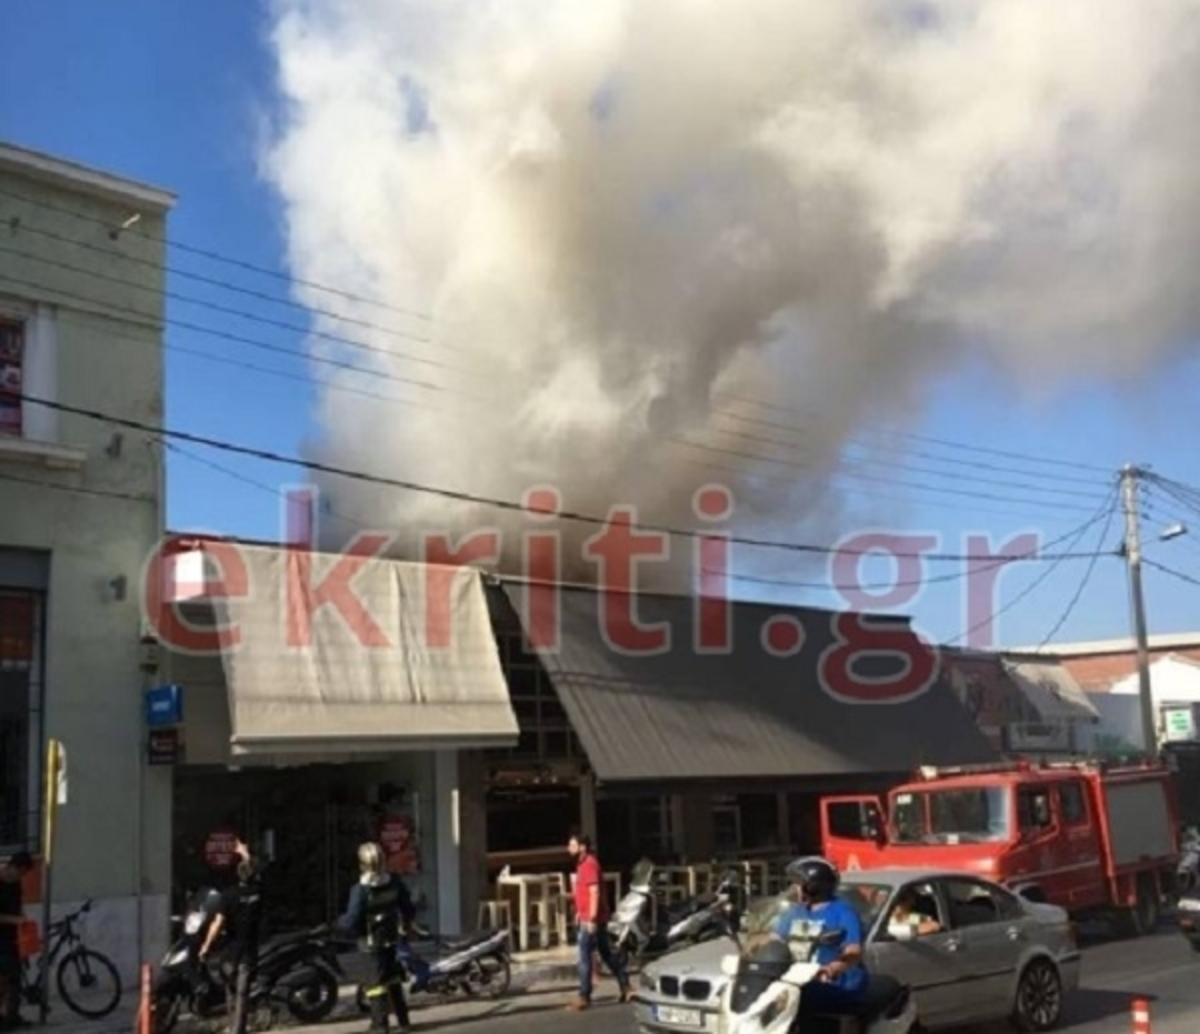 Καπνός «έπνιξε» ολόκληρη γειτονιά στα Χανιά [pics] | Newsit.gr